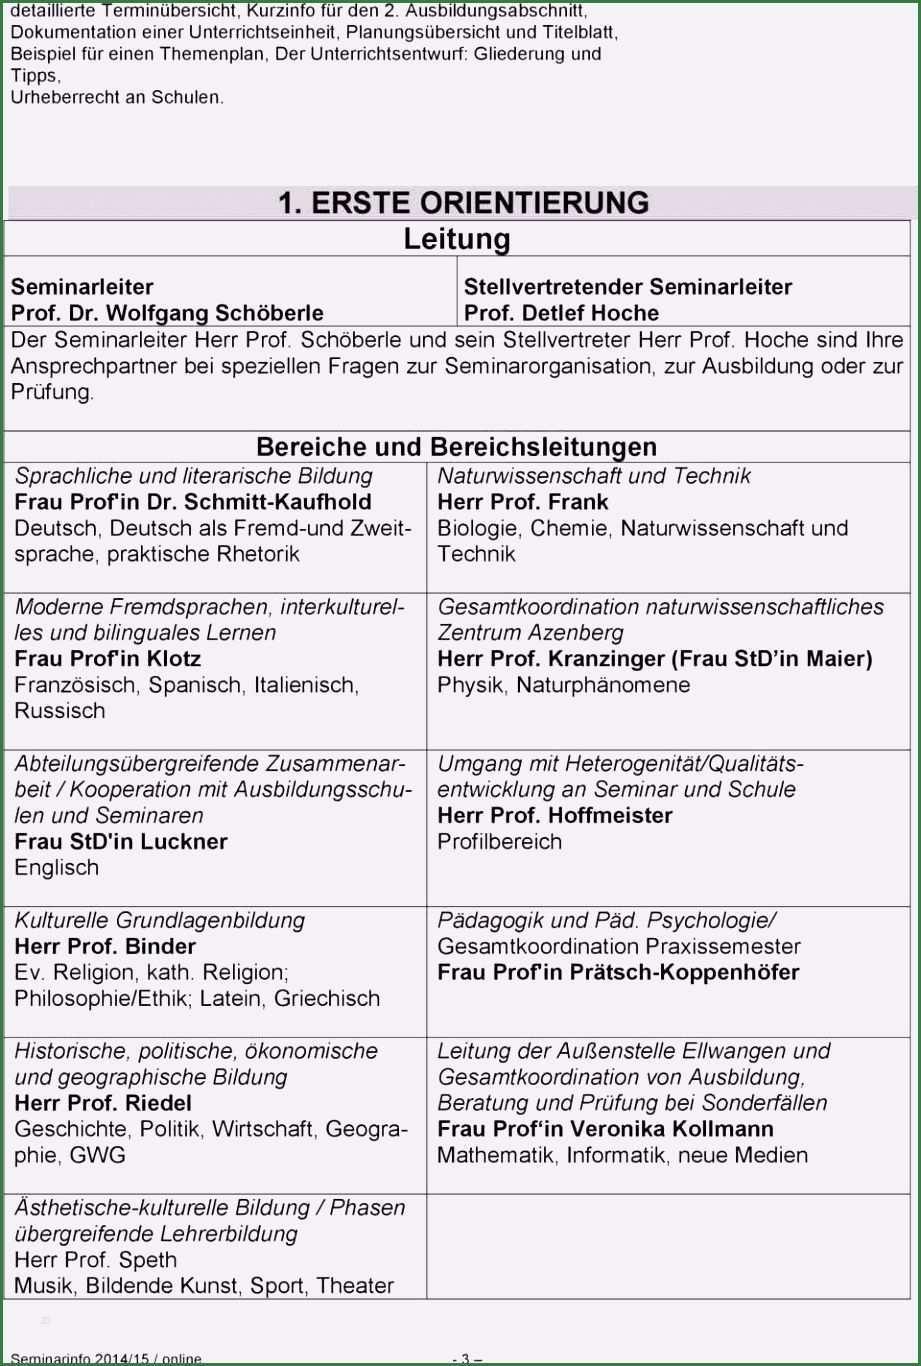 30 Inspiration Urheberrecht Vorlage Vorrate Briefkopf Vorlage Vorlagen Vorlagen Word